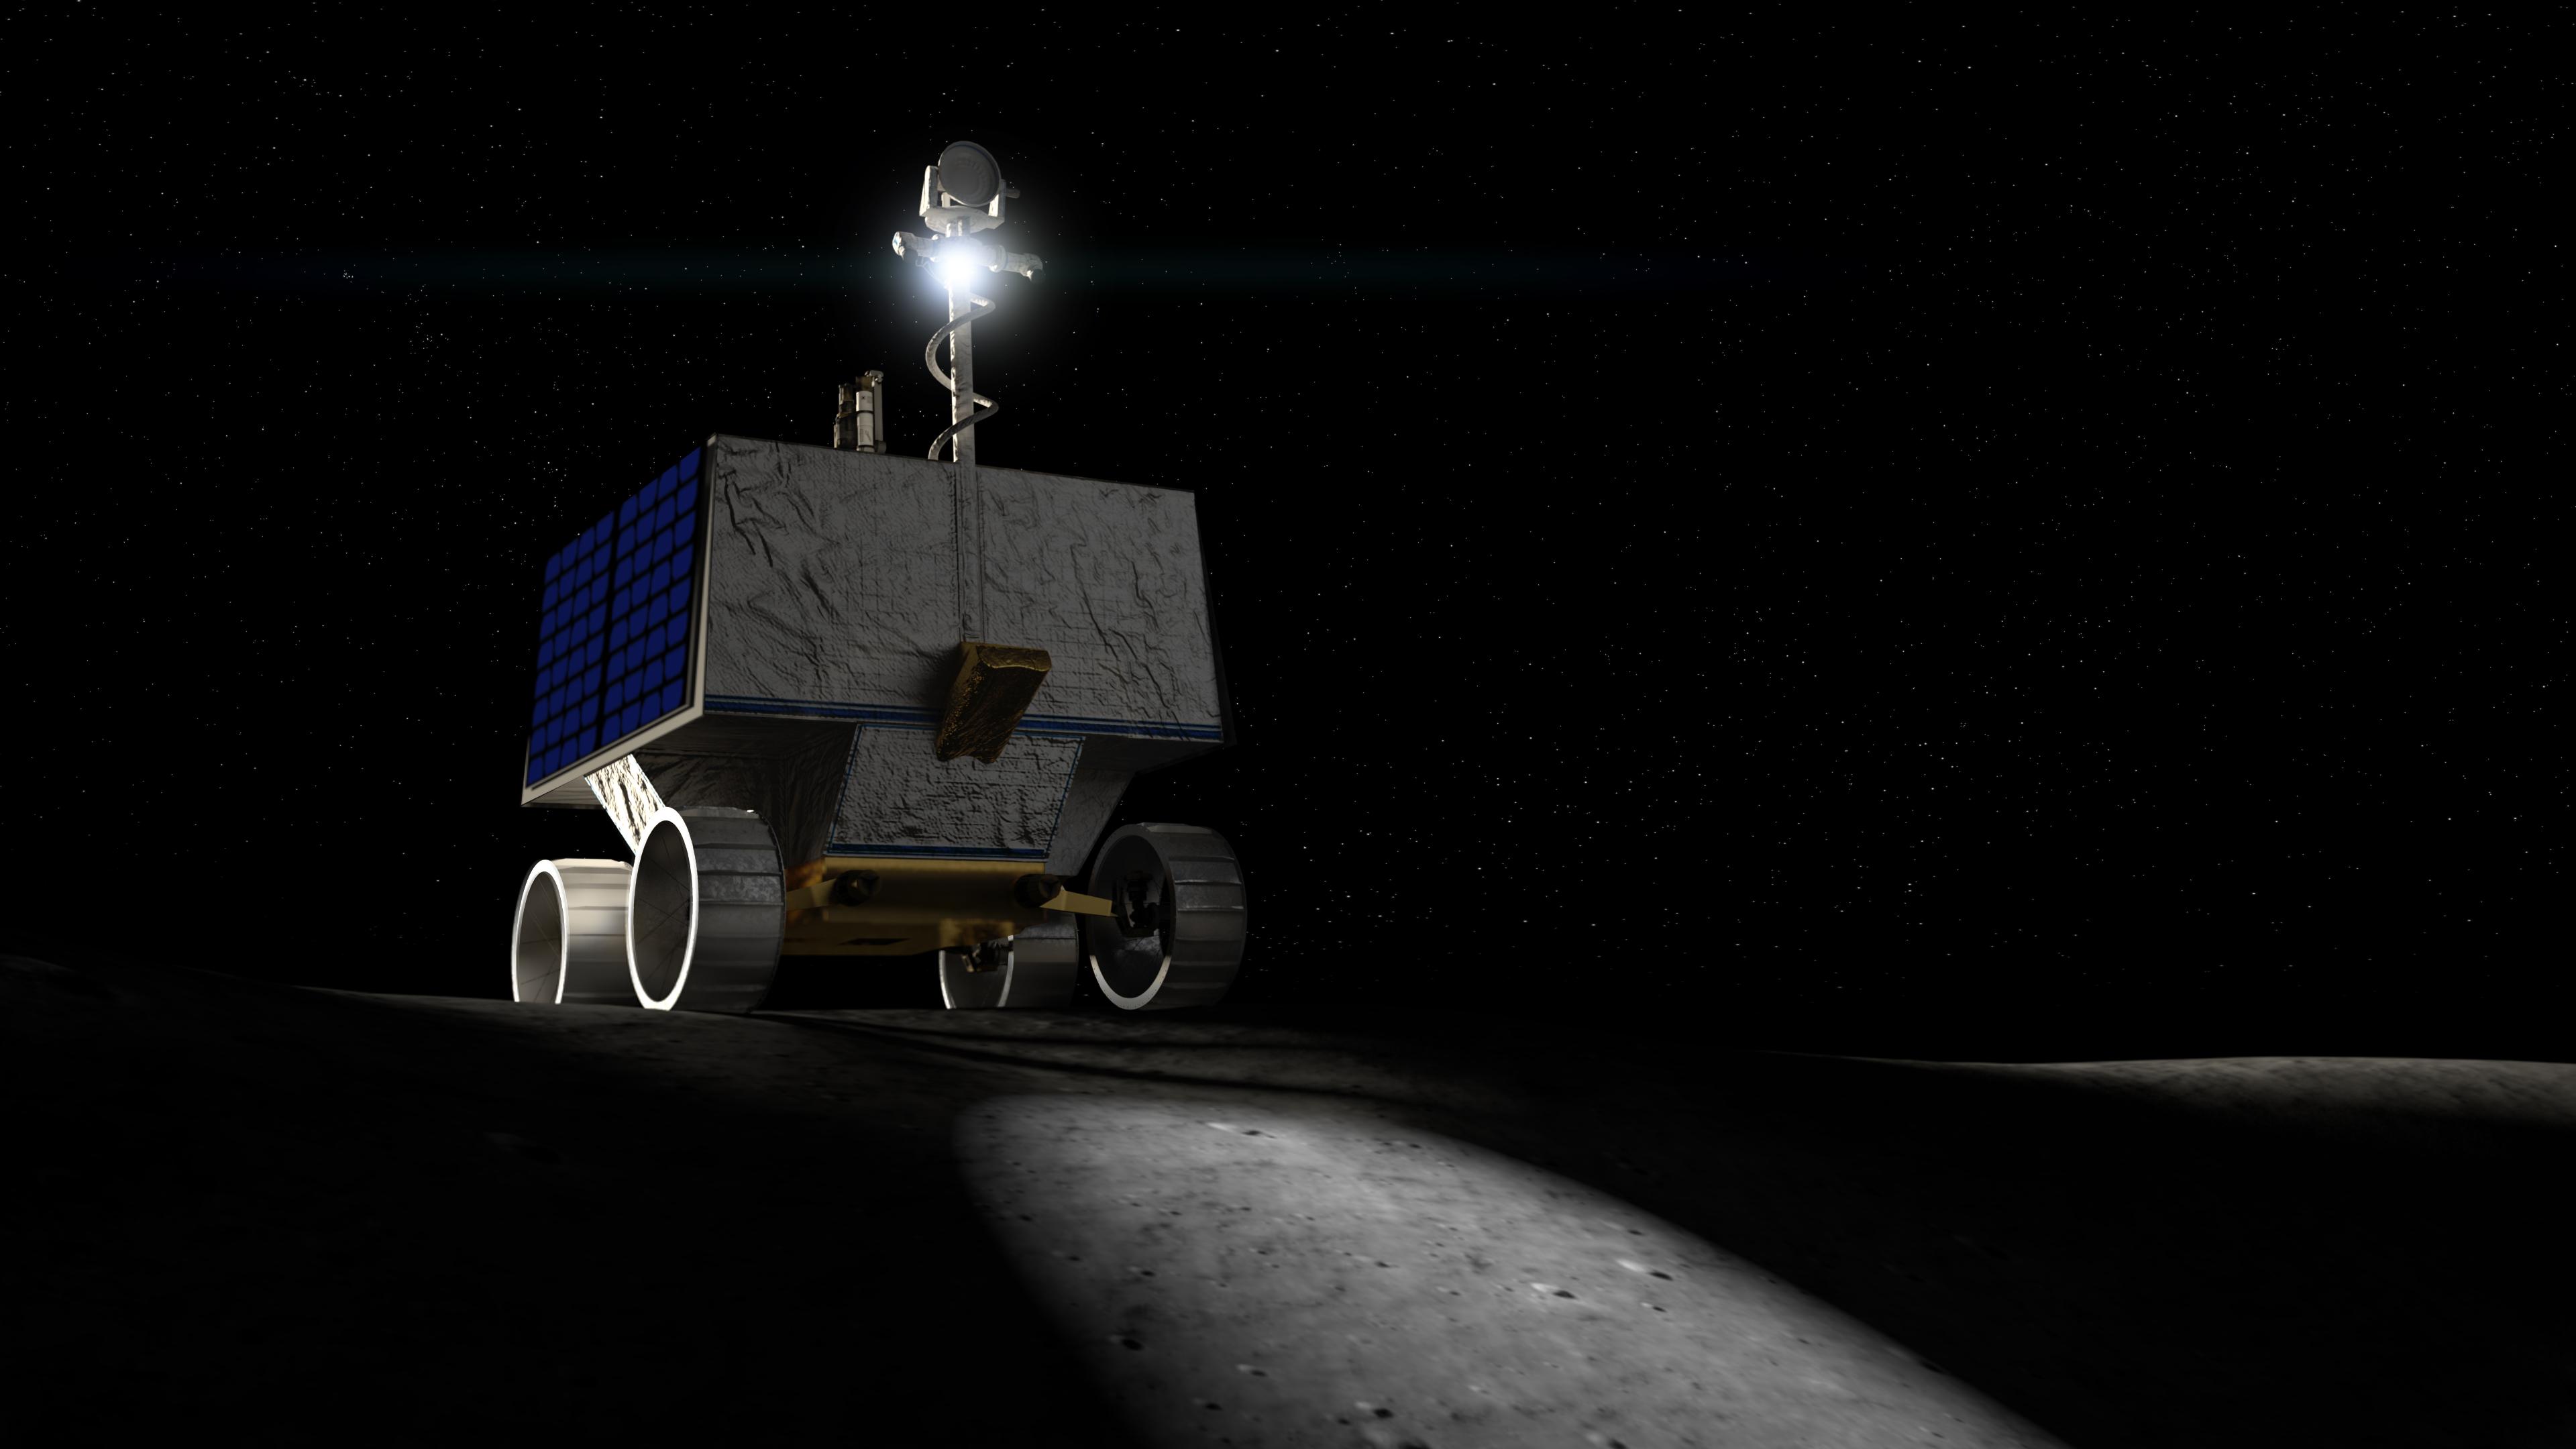 Americký rover VIPER bude zkoumat místo na Měsíci, kam dva roky nato poletí astronauti mise Artemis